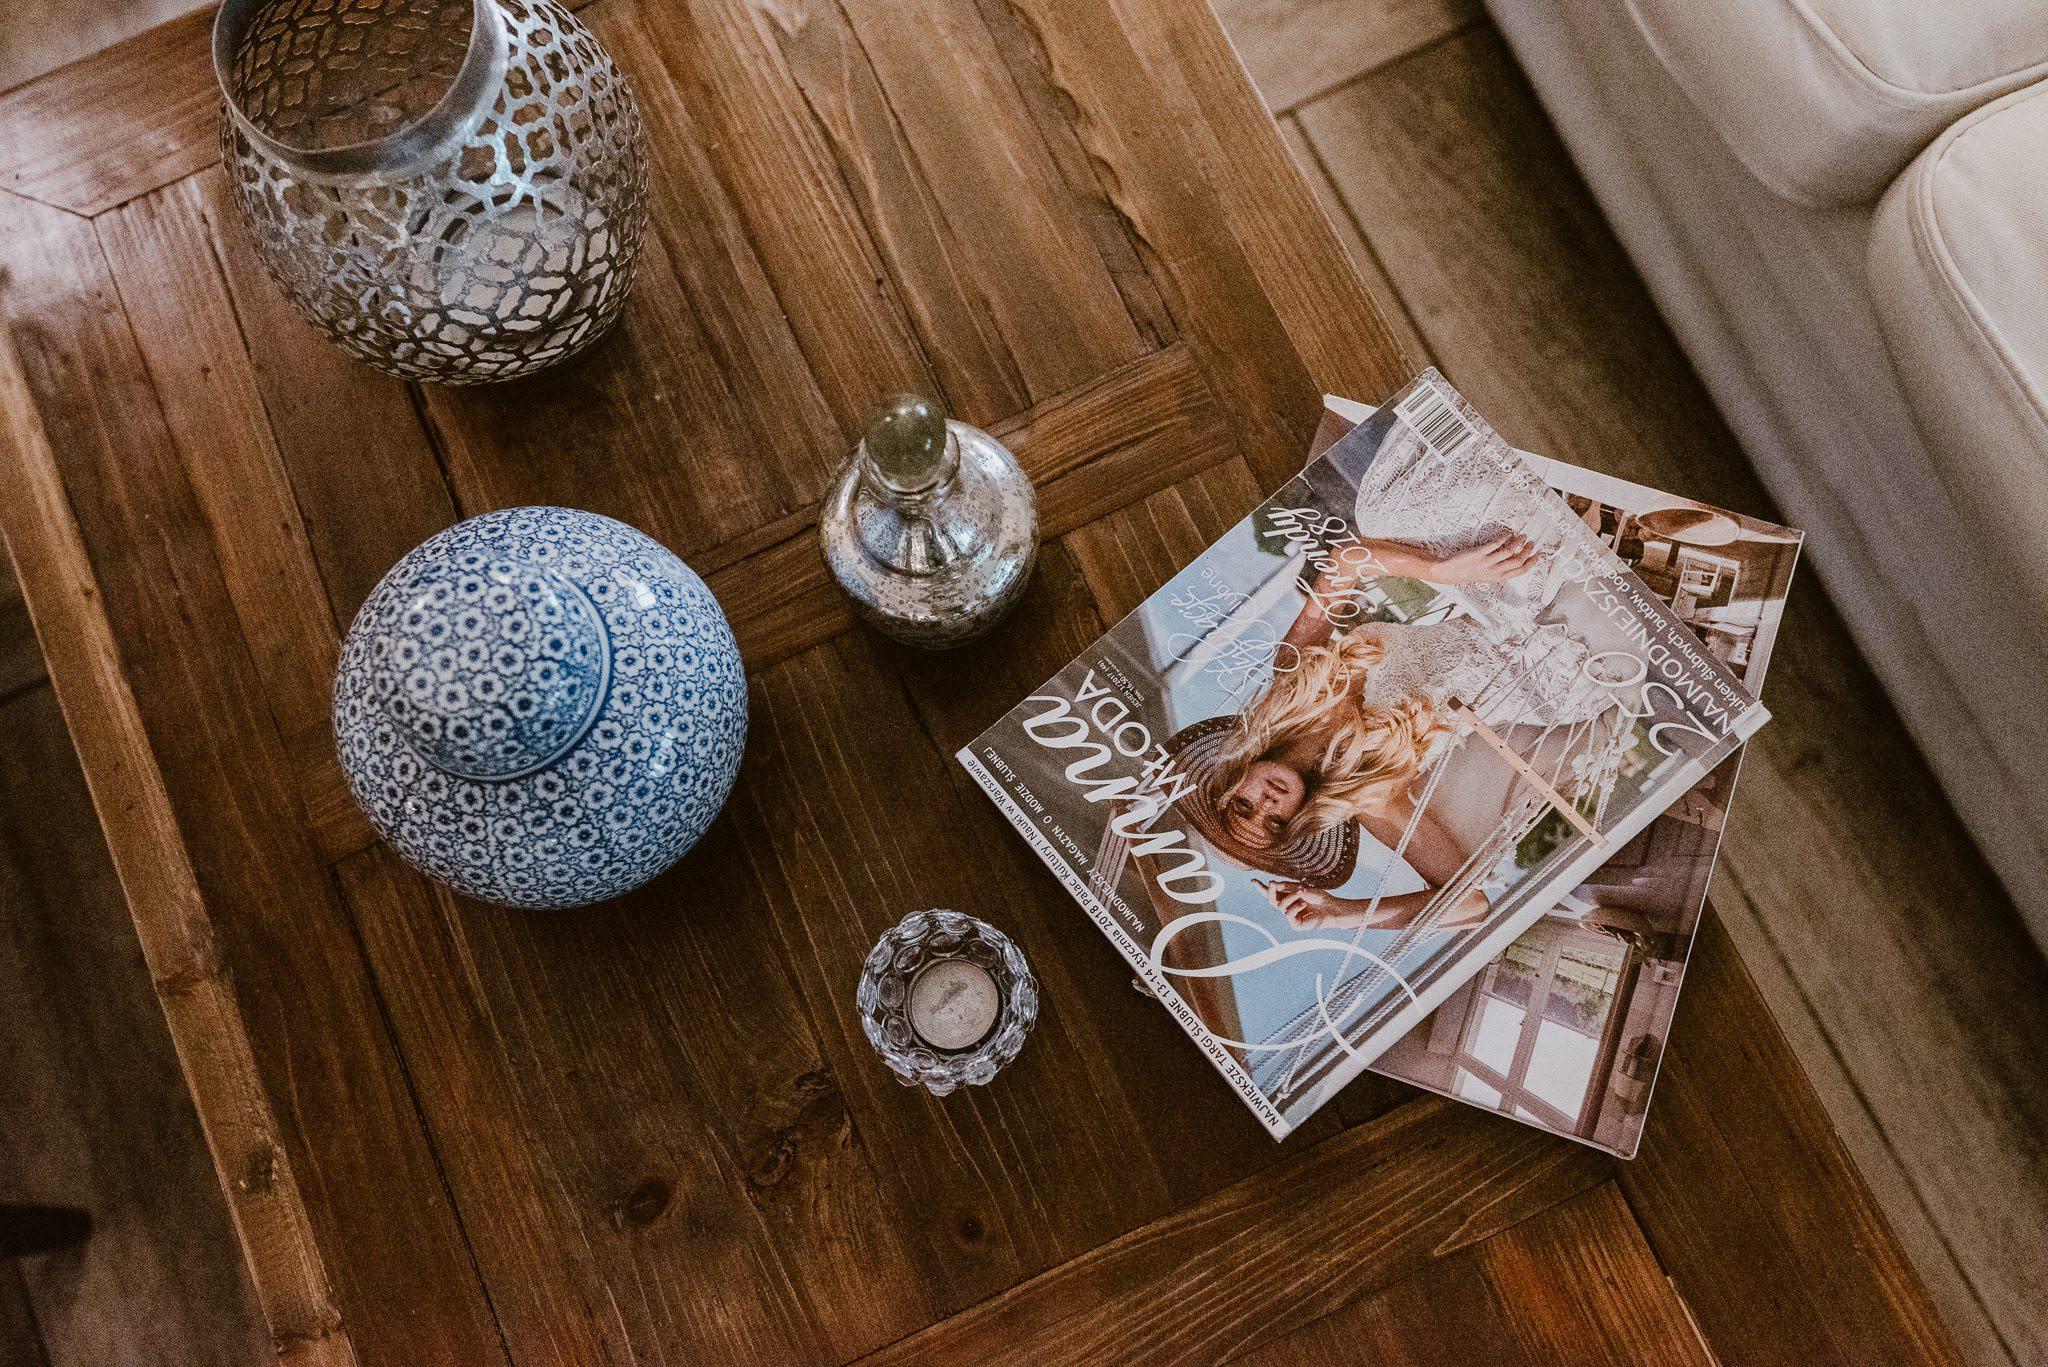 magazyny ślubne inspiracje 2020